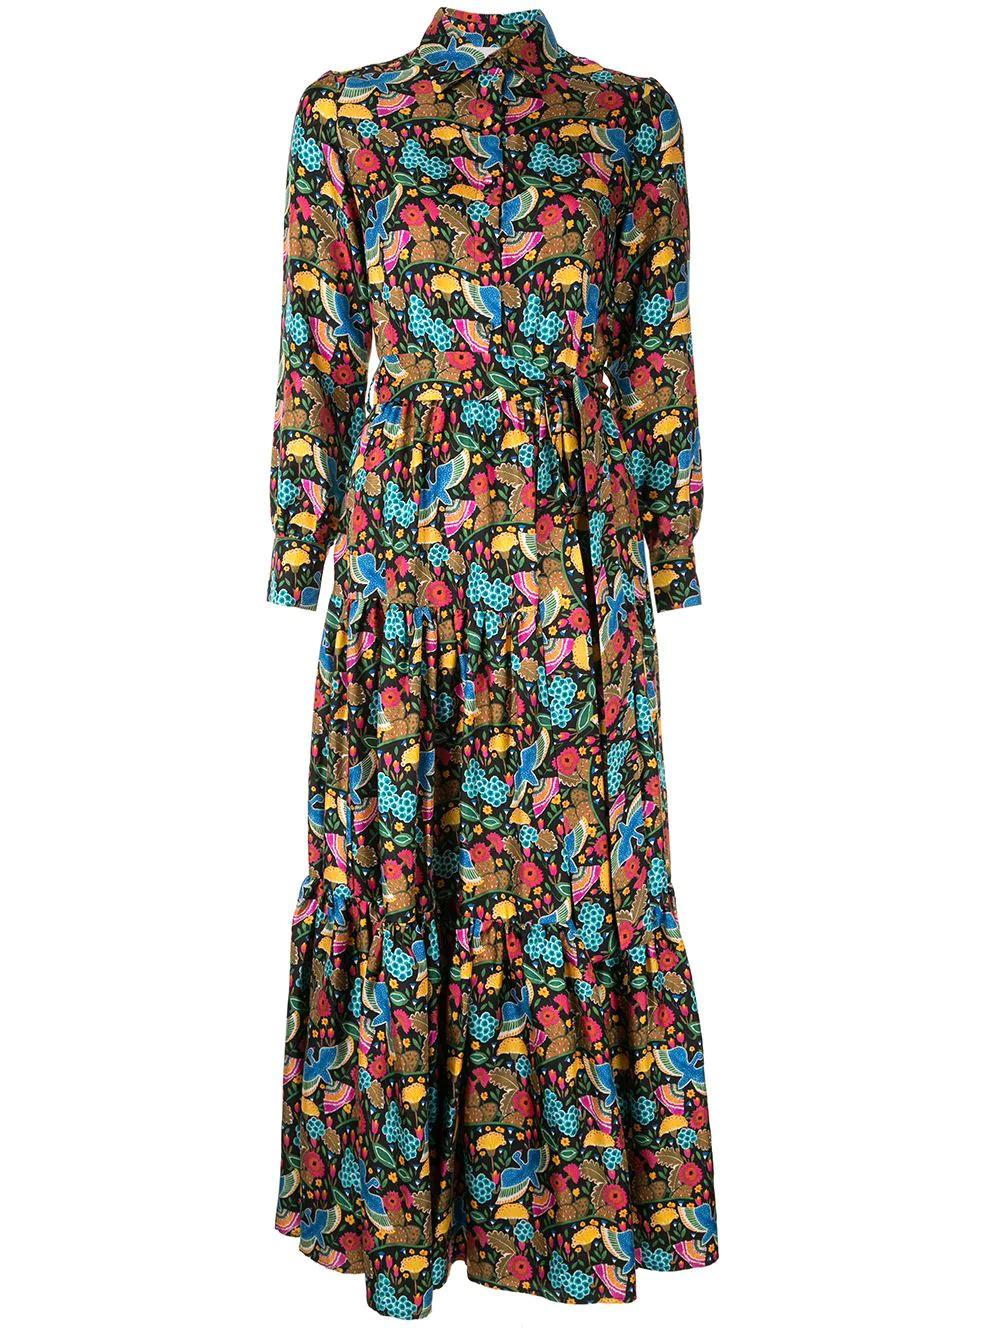 La DoubleJ | платье-рубашка с цветочным принтом | Clouty